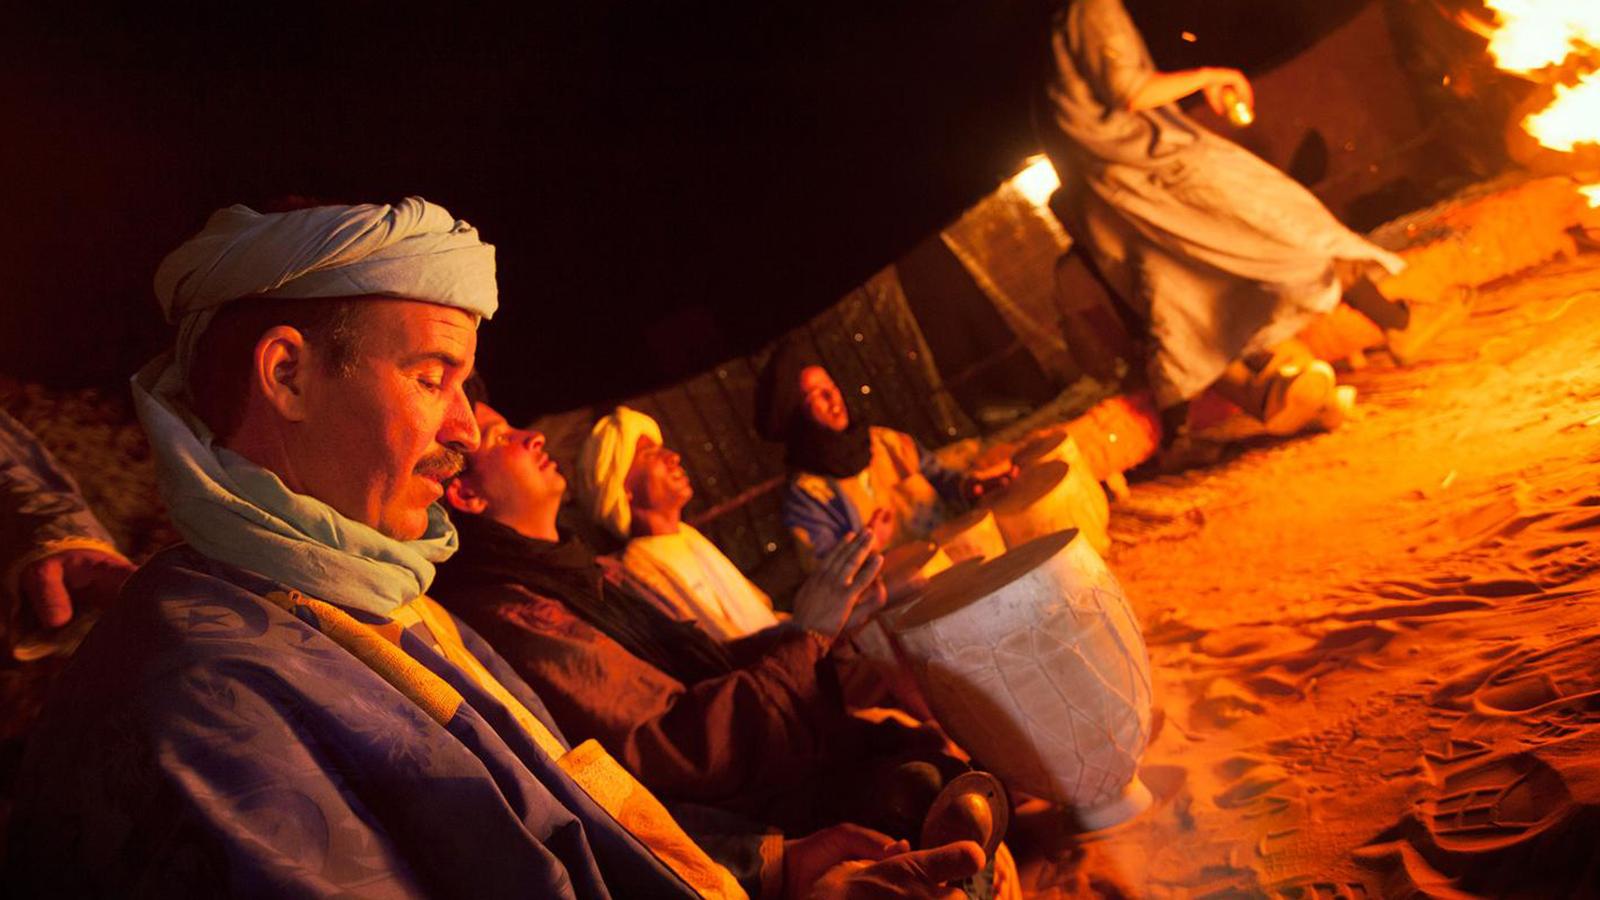 Marokko - Urlaub in der Wüste Gruppenreisen für junge Leute traveljunkies